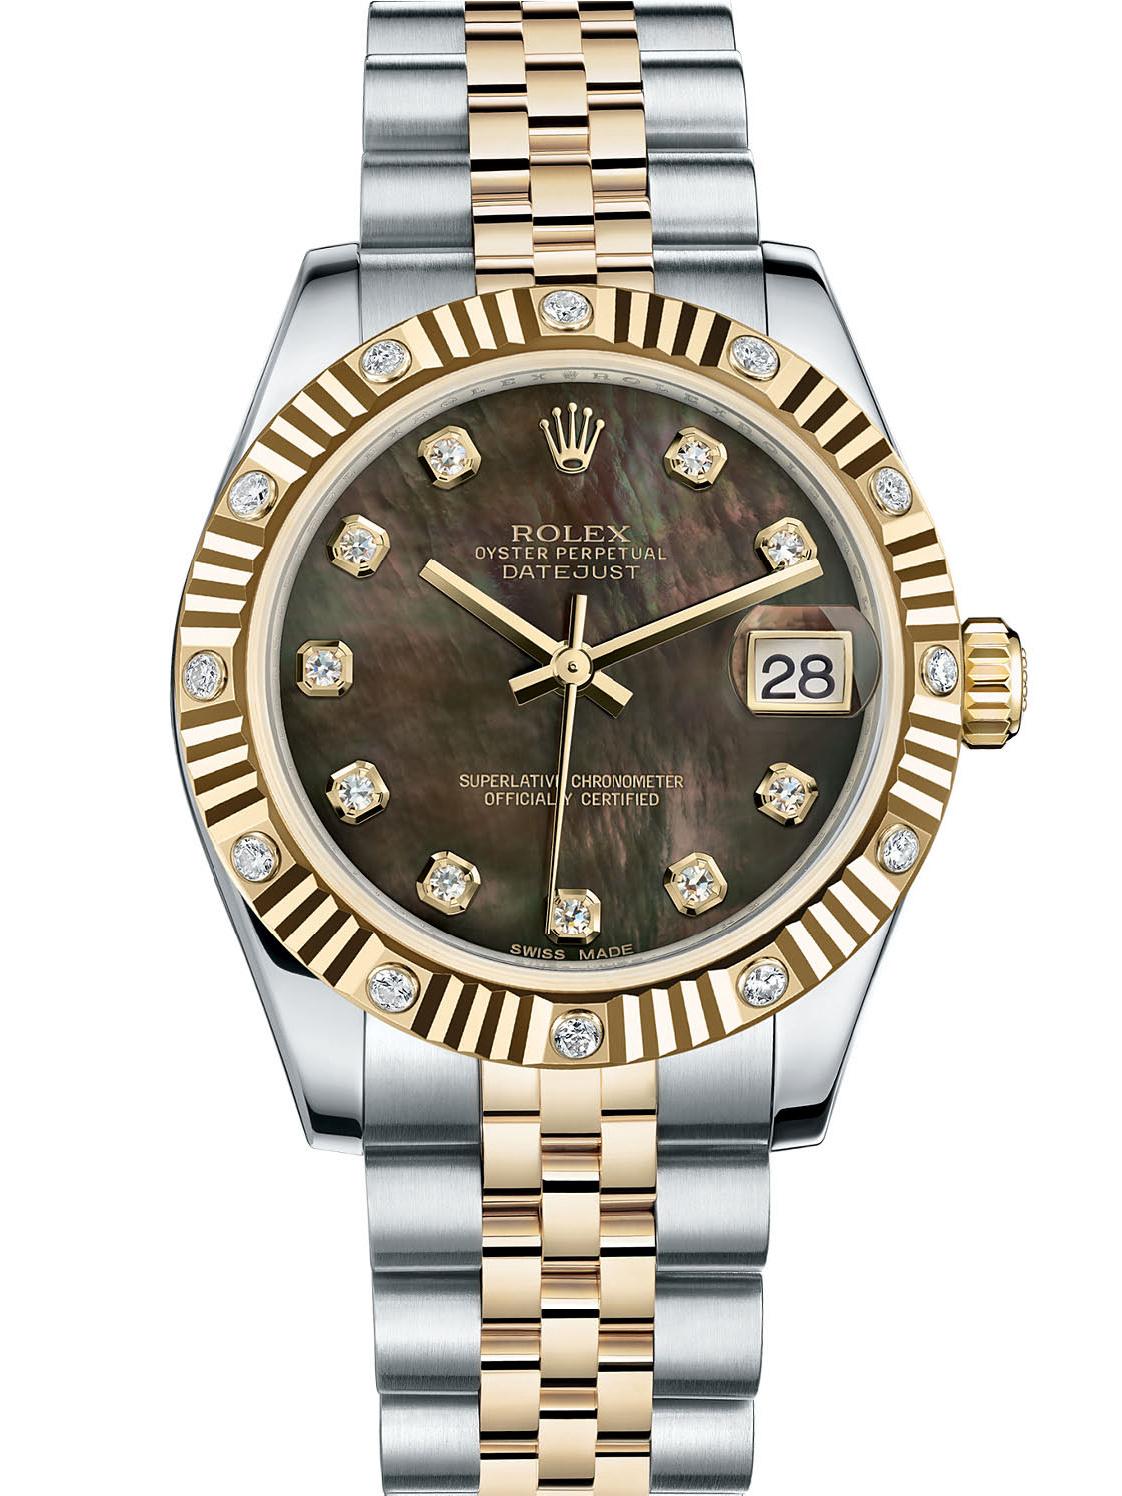 劳力士女装日志型31黄金钢牙圈镶钻黑贝母面钻标女表178313-0066